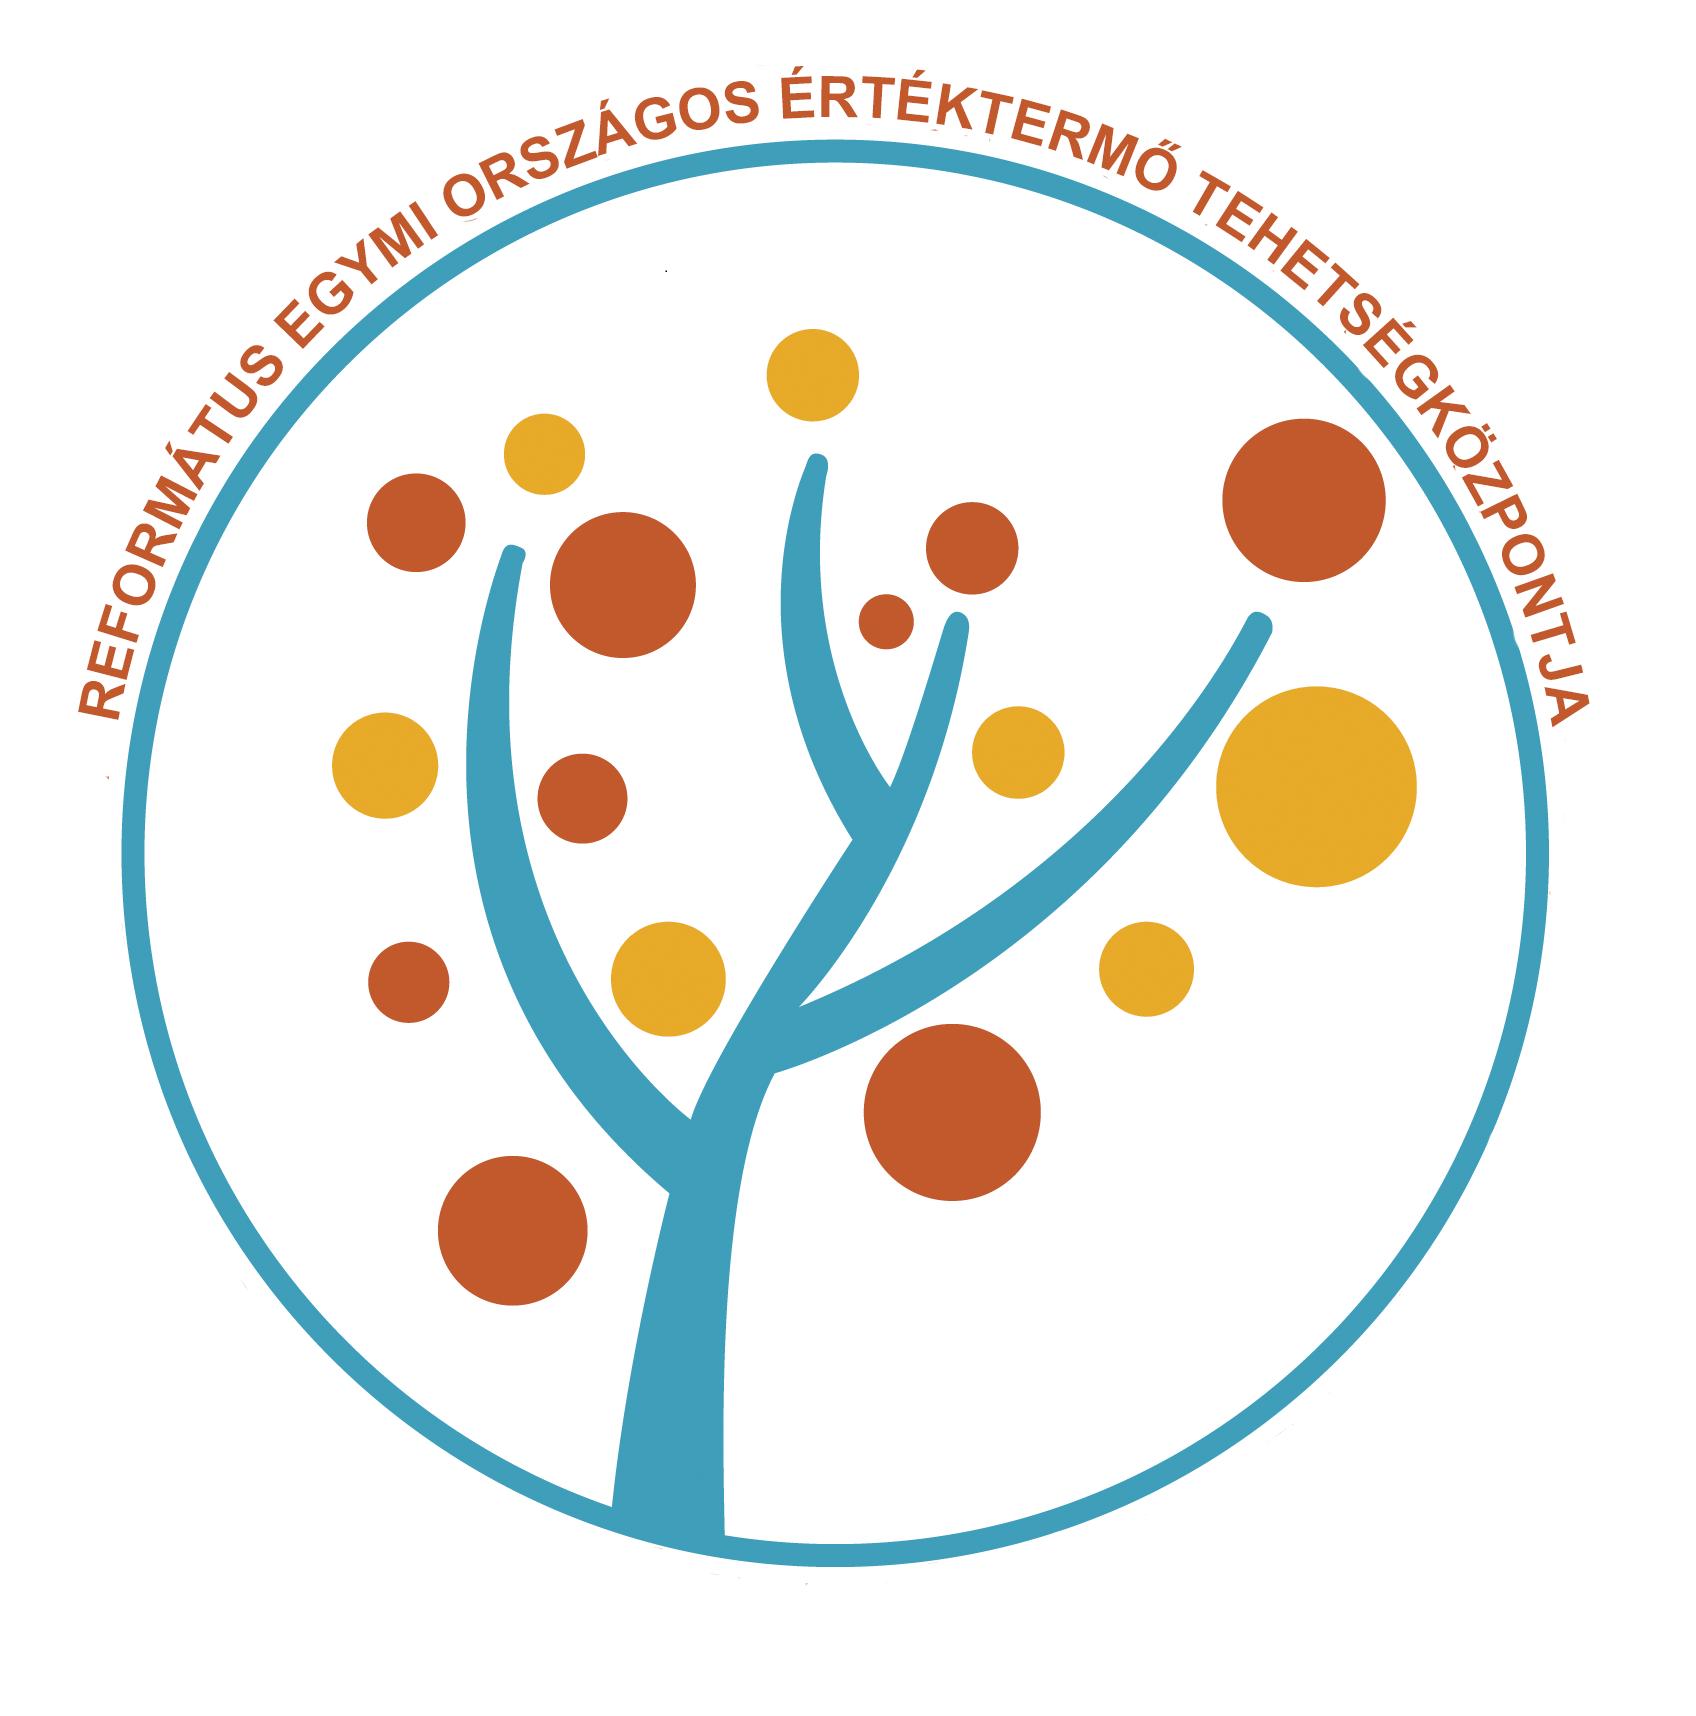 Értéktermő logó